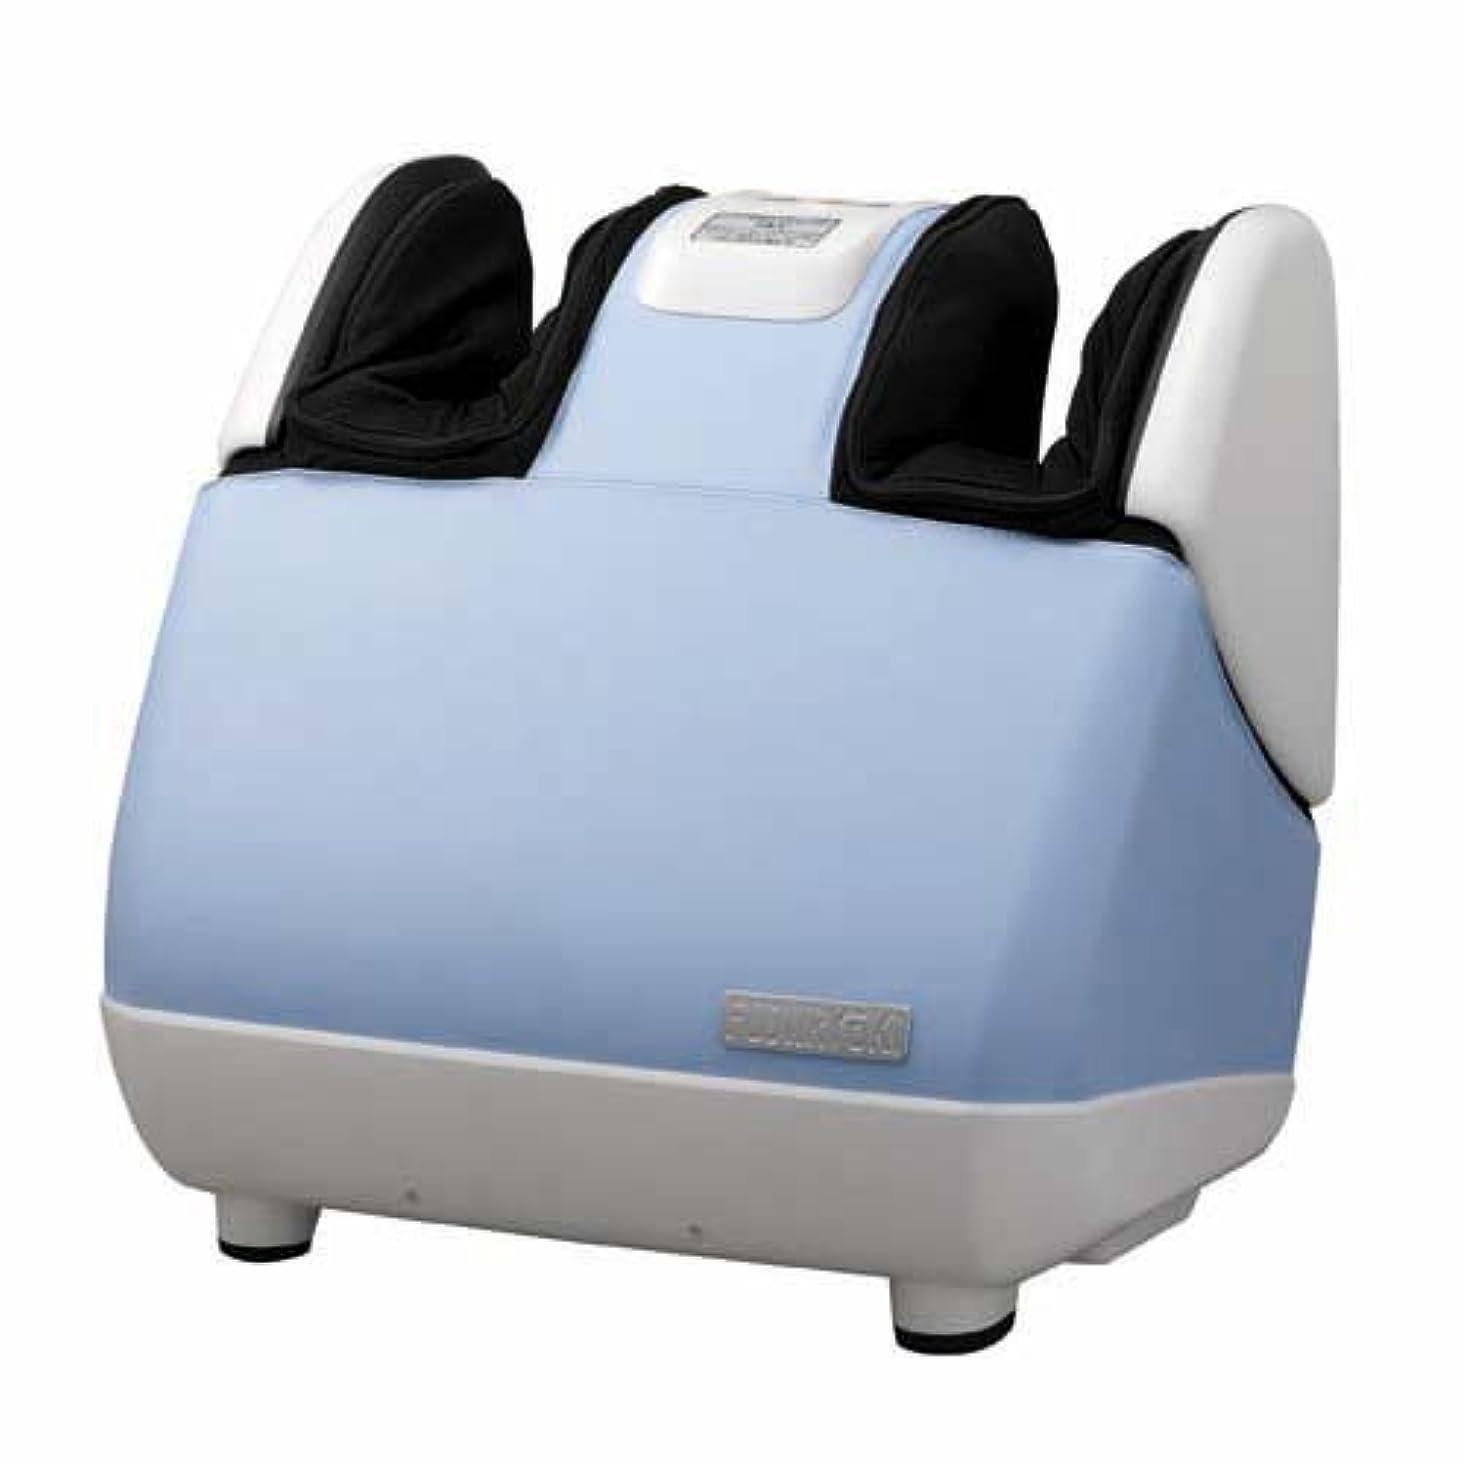 オーディション浸すスカープフジ医療器【ヒーター機能搭載】足先?足裏からふくらはぎまでリフレッシュフットマッサージャー SG-520